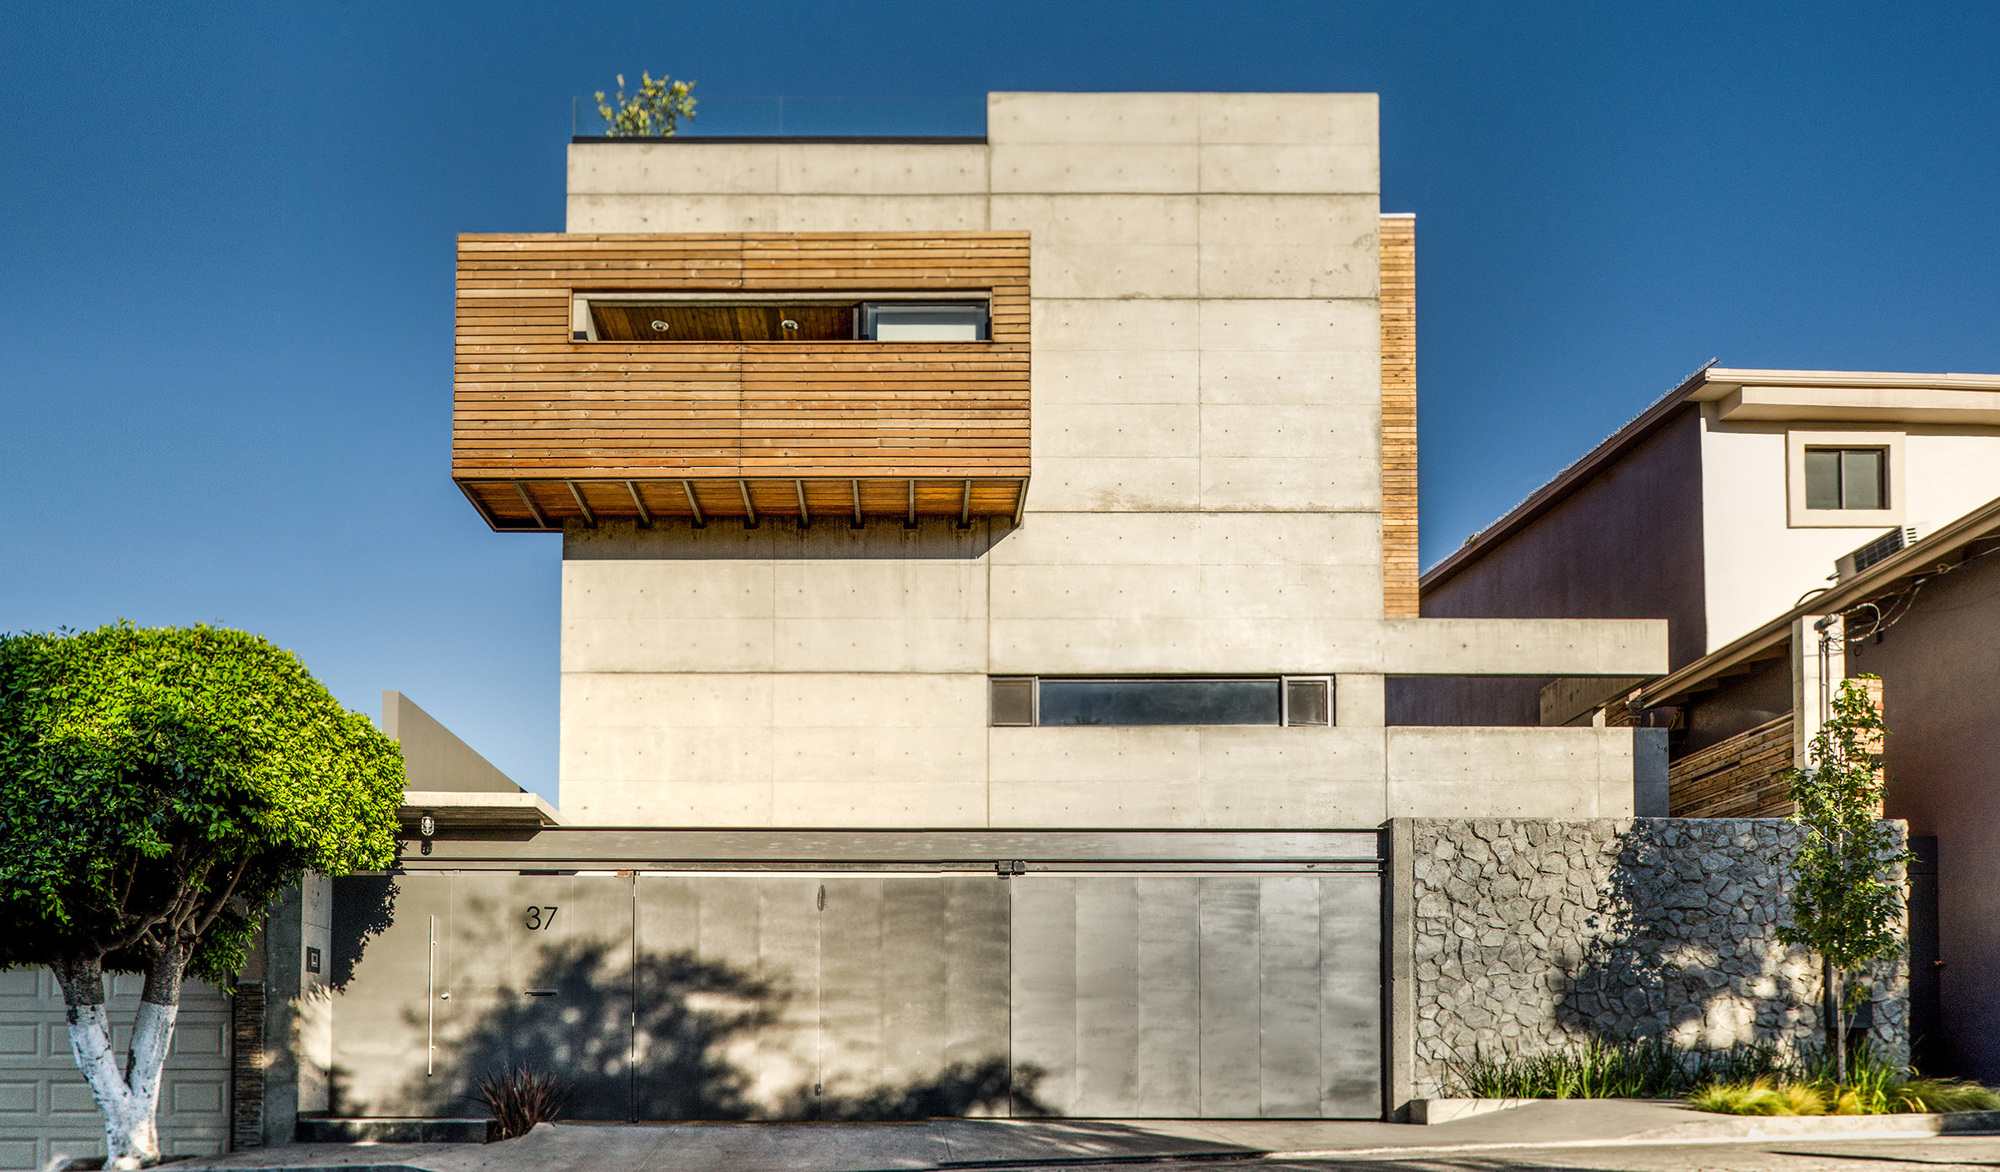 Casa z guillot arquitectos plataforma arquitectura for Plataforma arquitectura